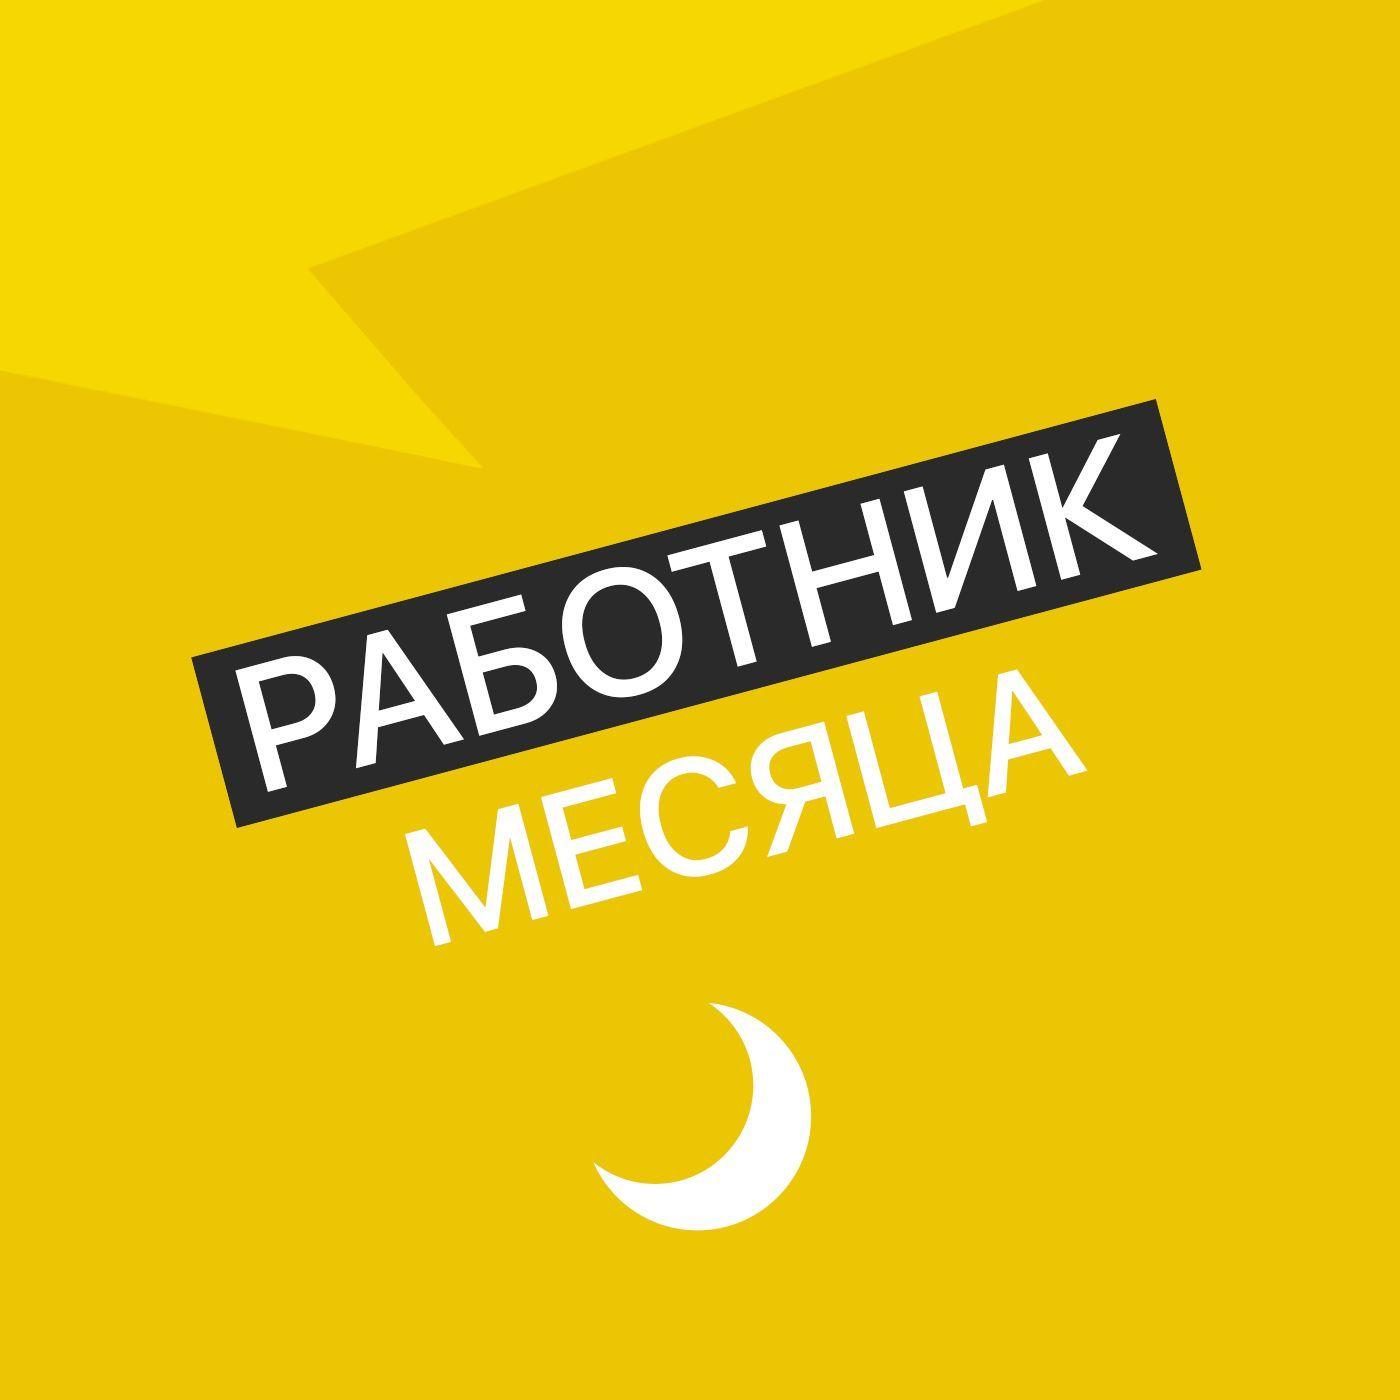 Режиссер мероприятий